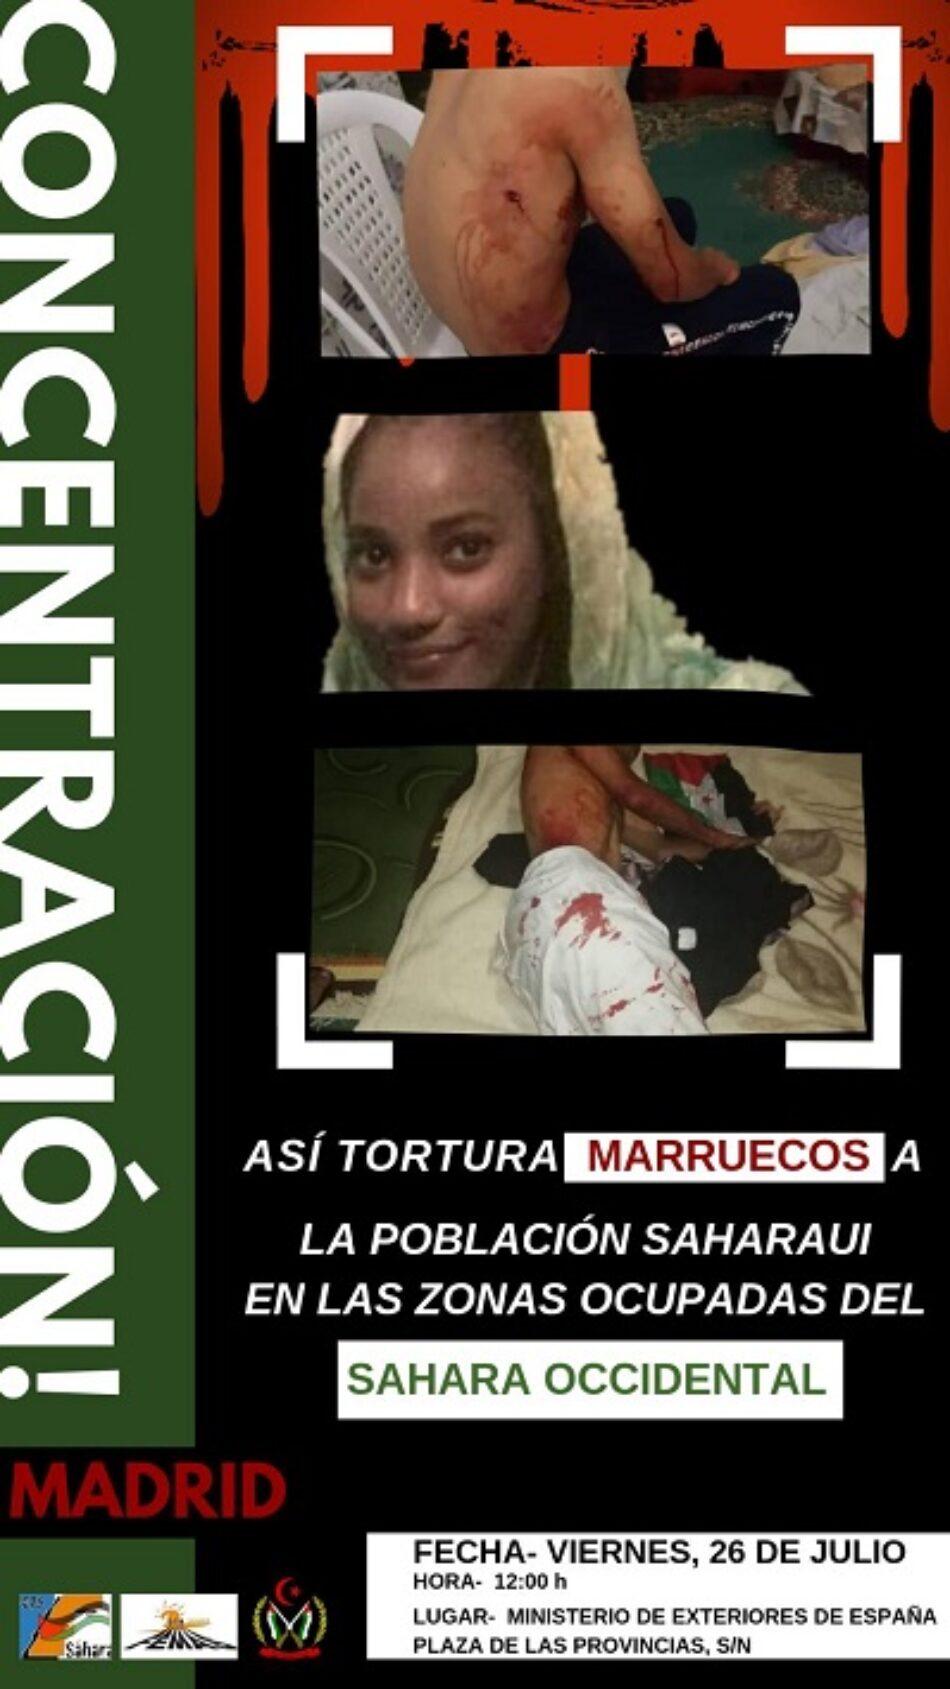 Exigimos al Gobierno de España que no sea cómplice con su silencio del genocidio que se está cometiendo en el Sahara Occidental ocupado por Marruecos